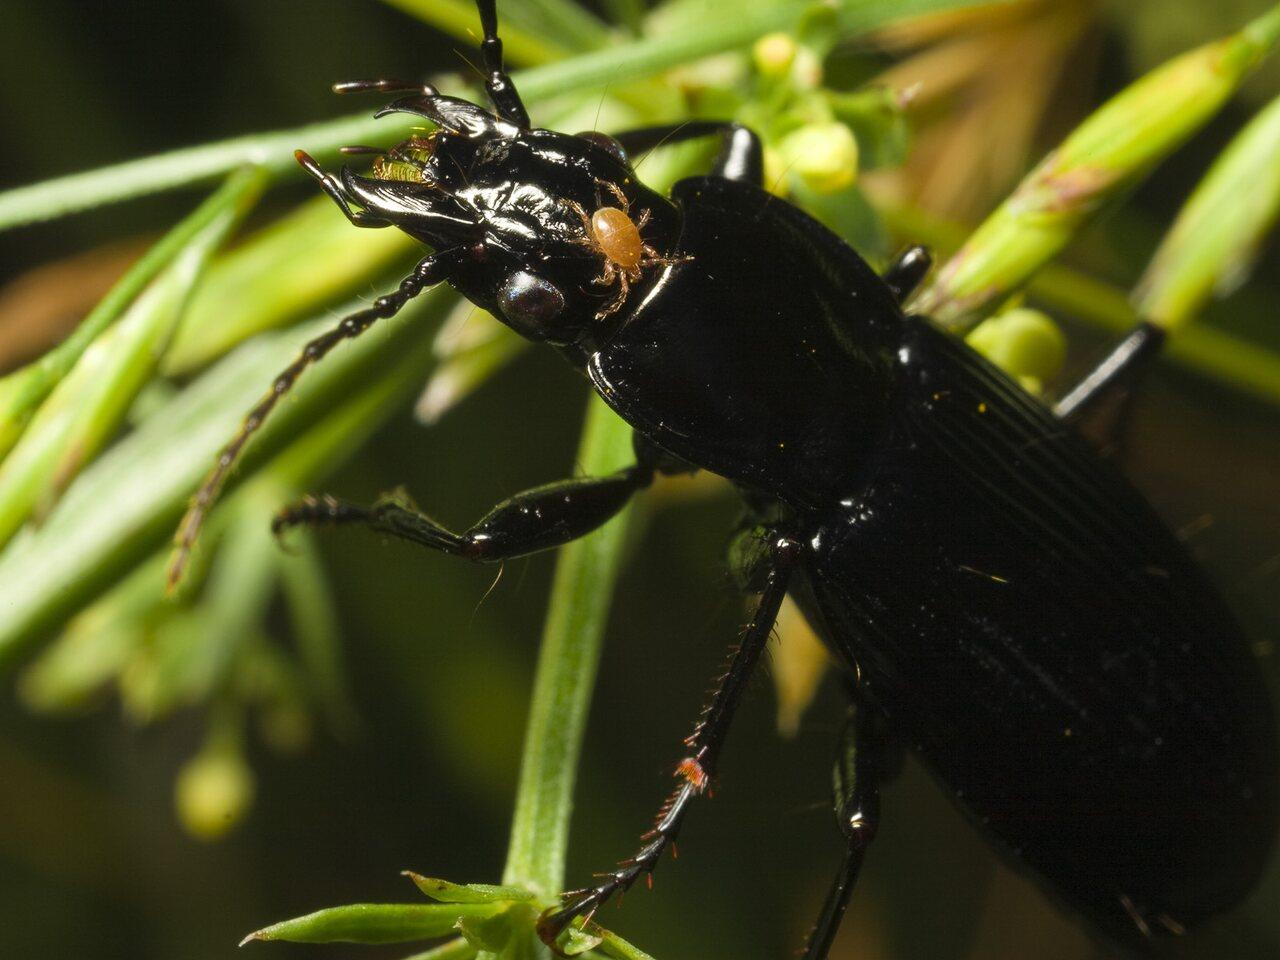 Pterostichus-niger-0557.jpg